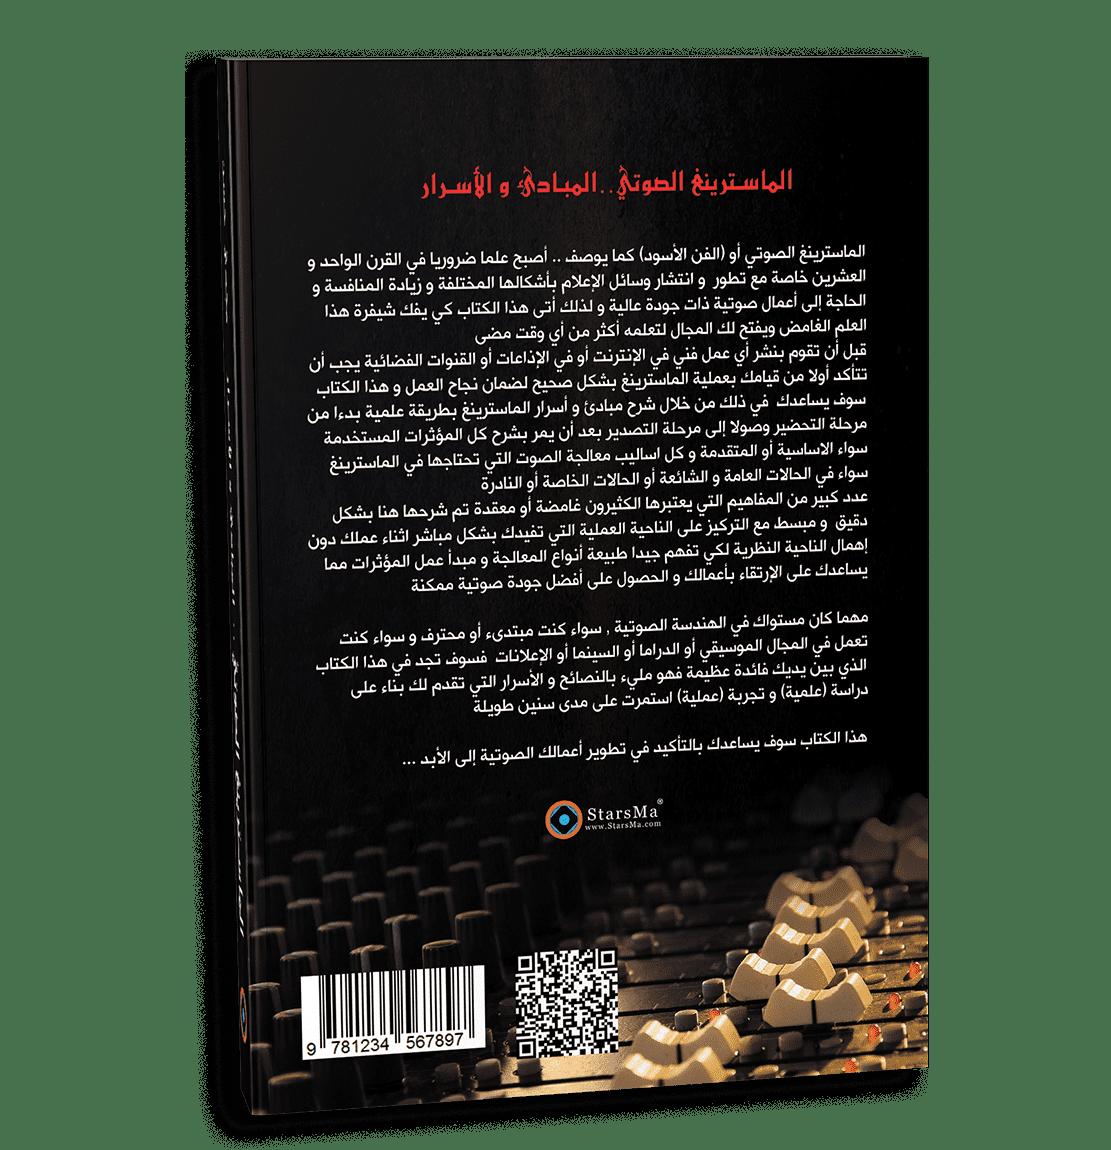 غلاف كتاب الماسترينغ الصوتي